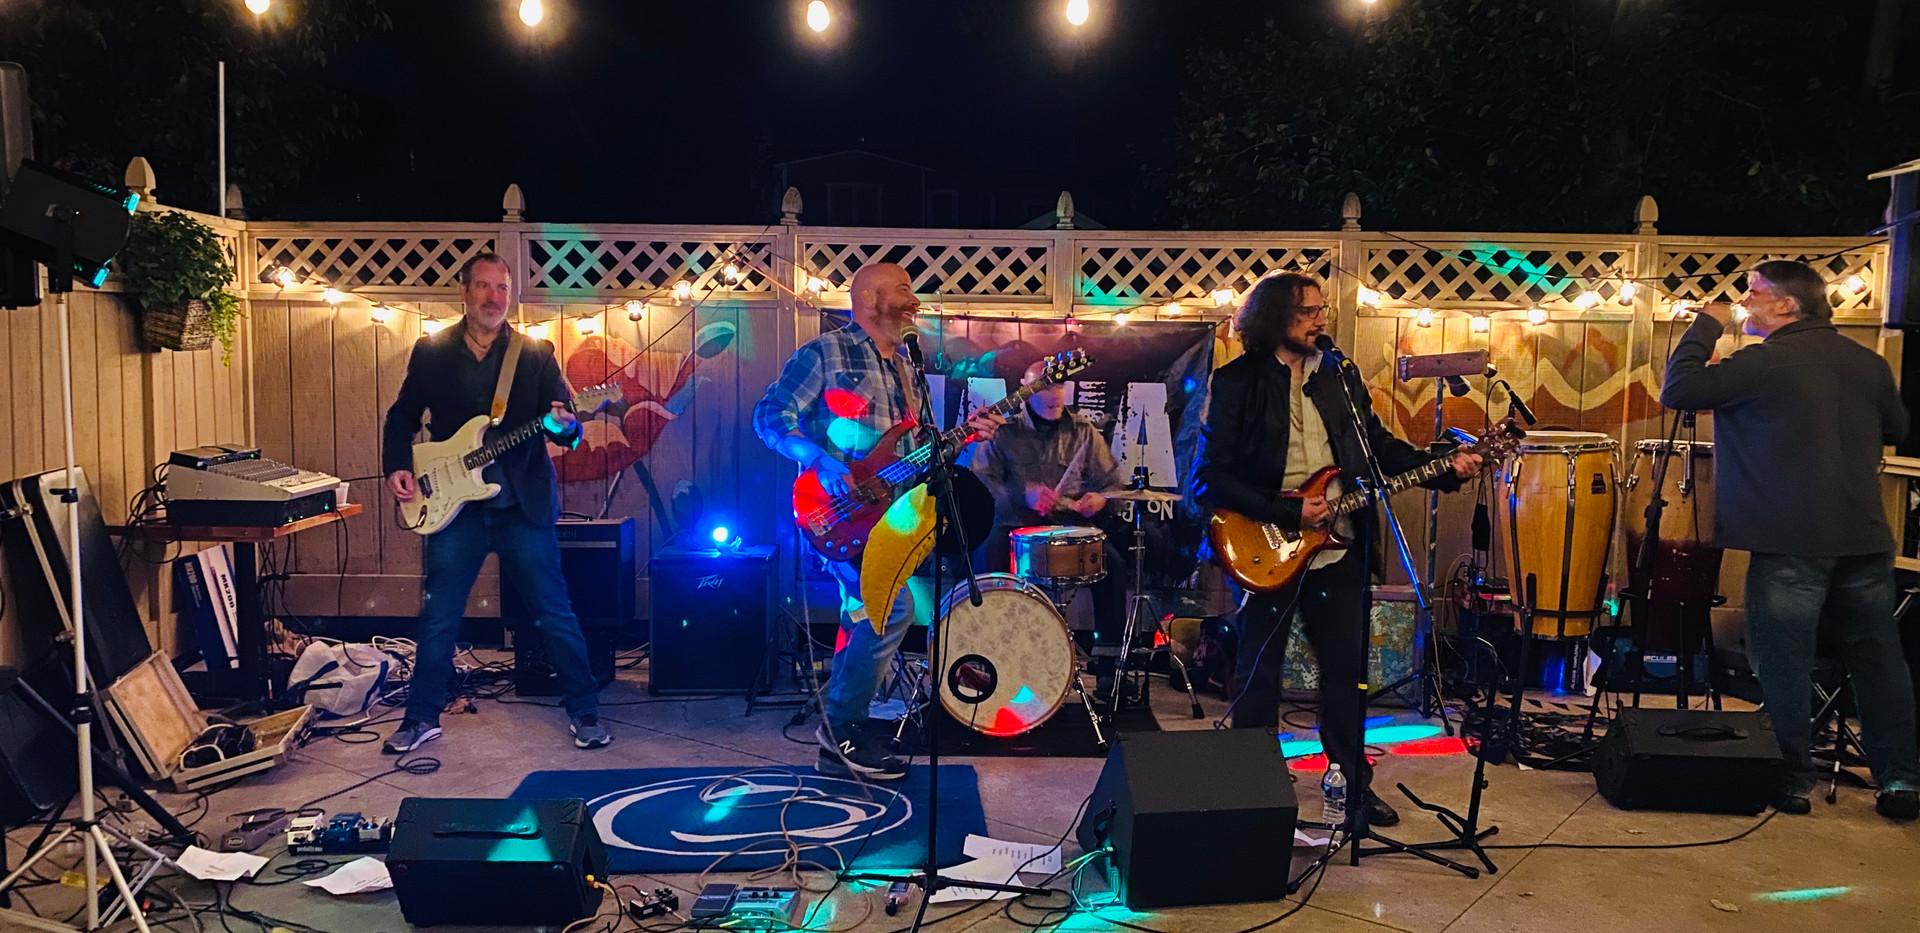 MAFIA Band!